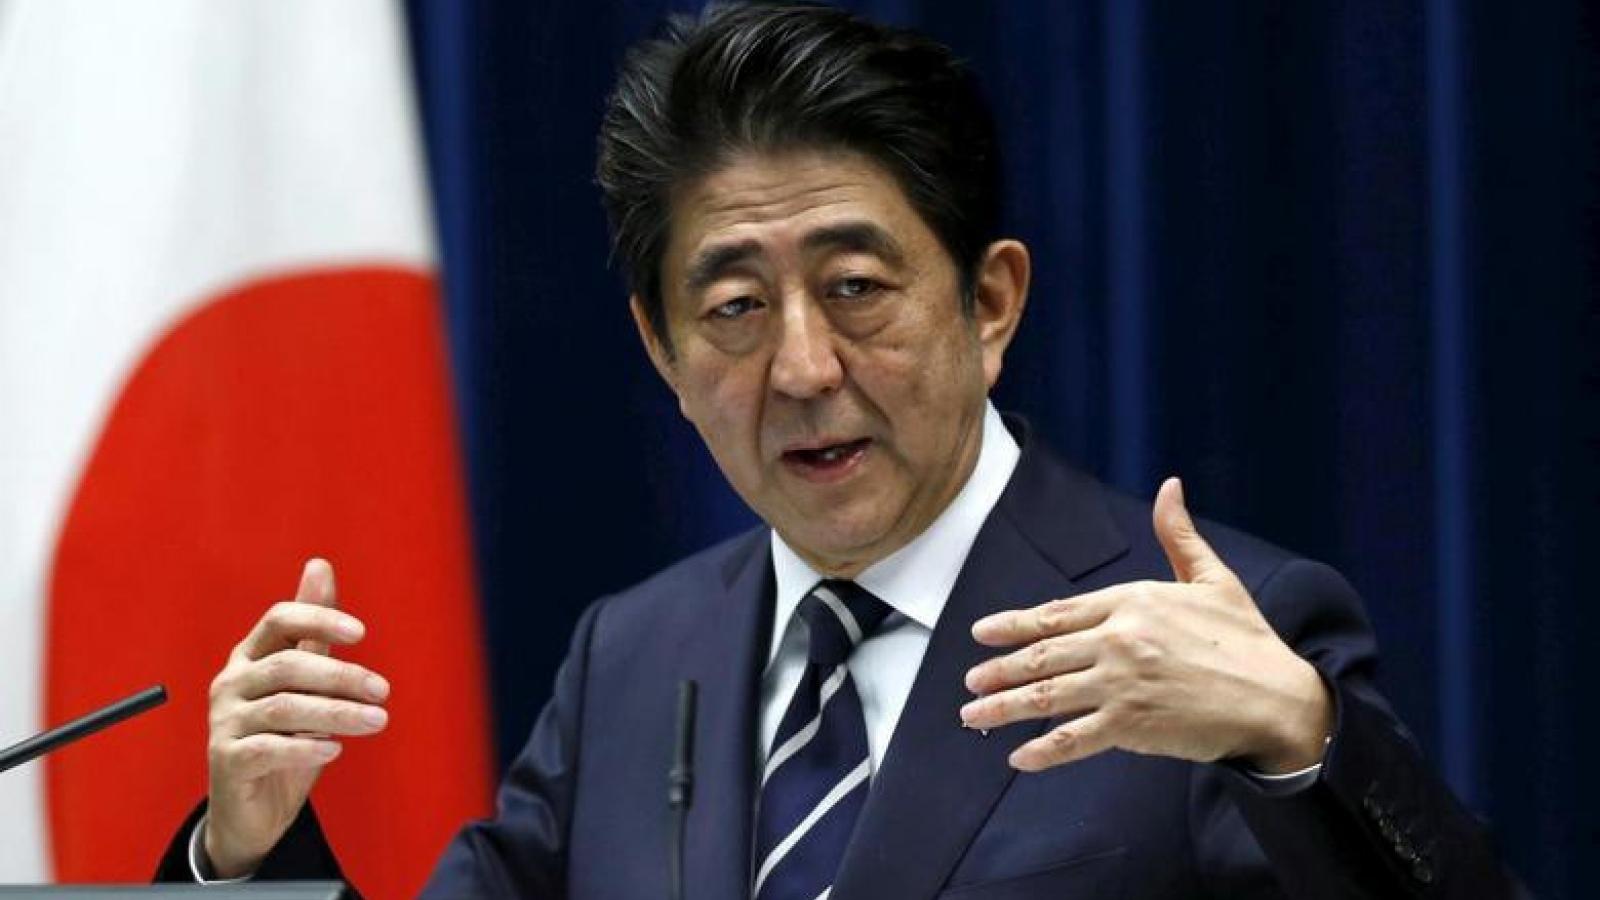 Thế giới đánh giá cao Thủ tướng Abe trong quan hệ đa phương